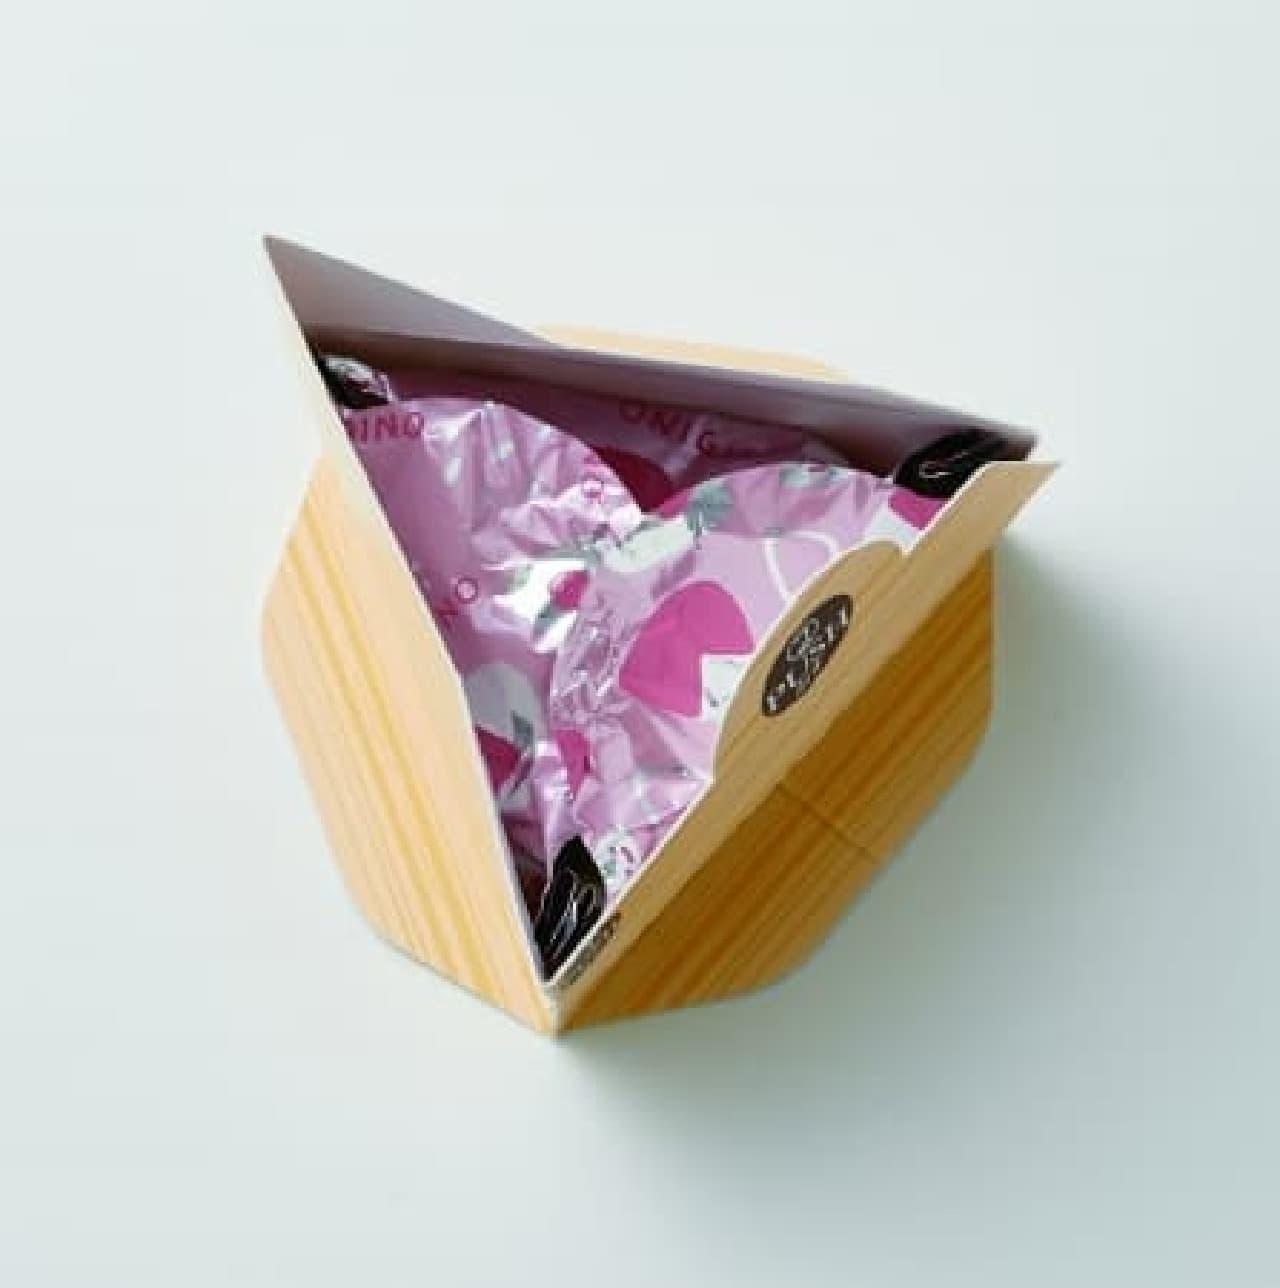 きれいな三角おにぎりを簡単に作ることができる「おにぎらないホイル」